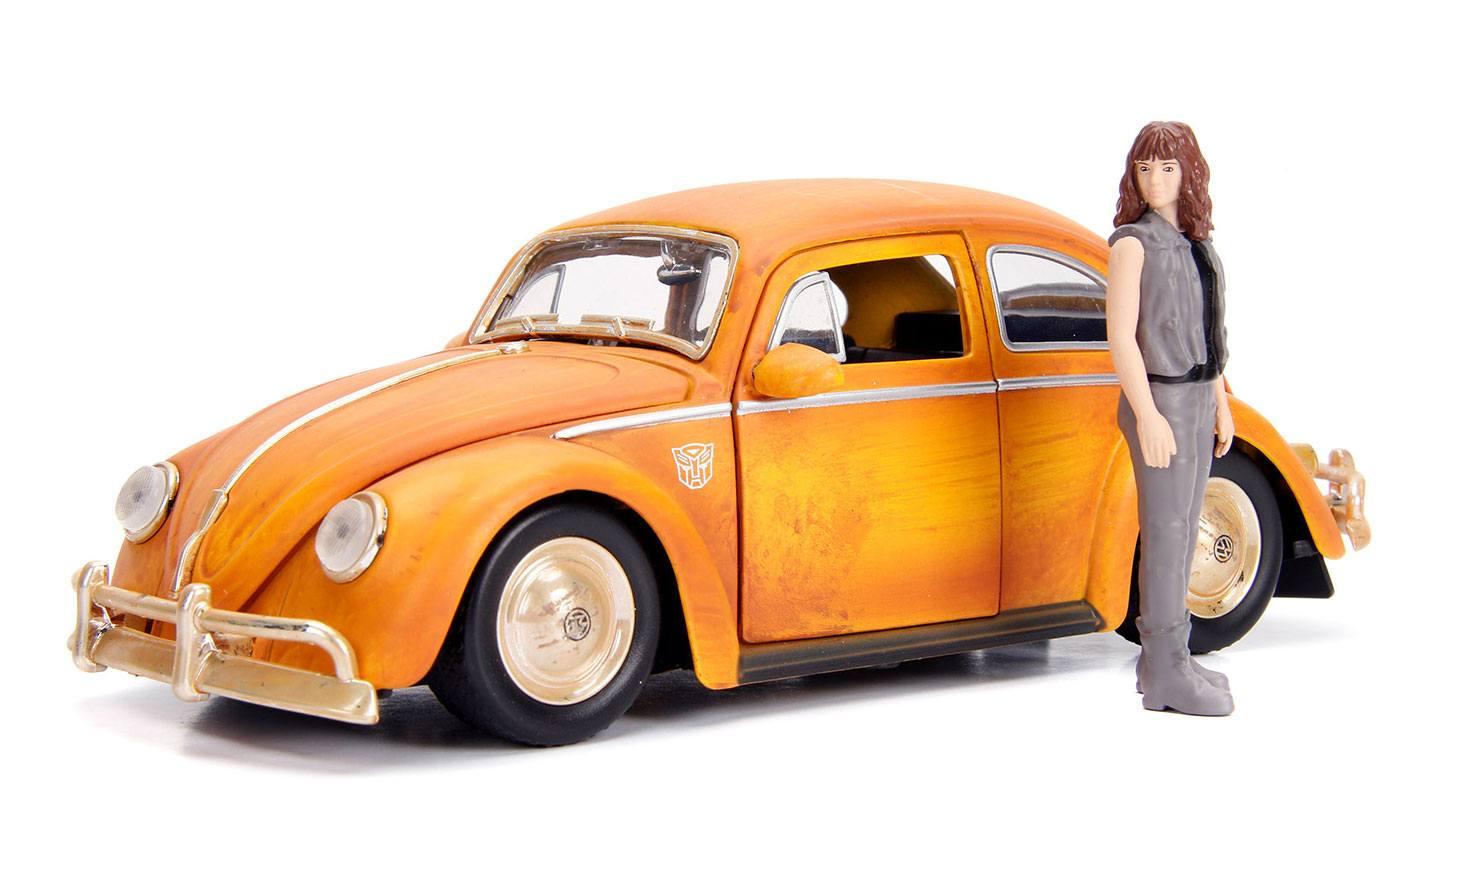 Transformers Bumblebee Diecast Model 1/24 Volkswagen Beetle with Figure